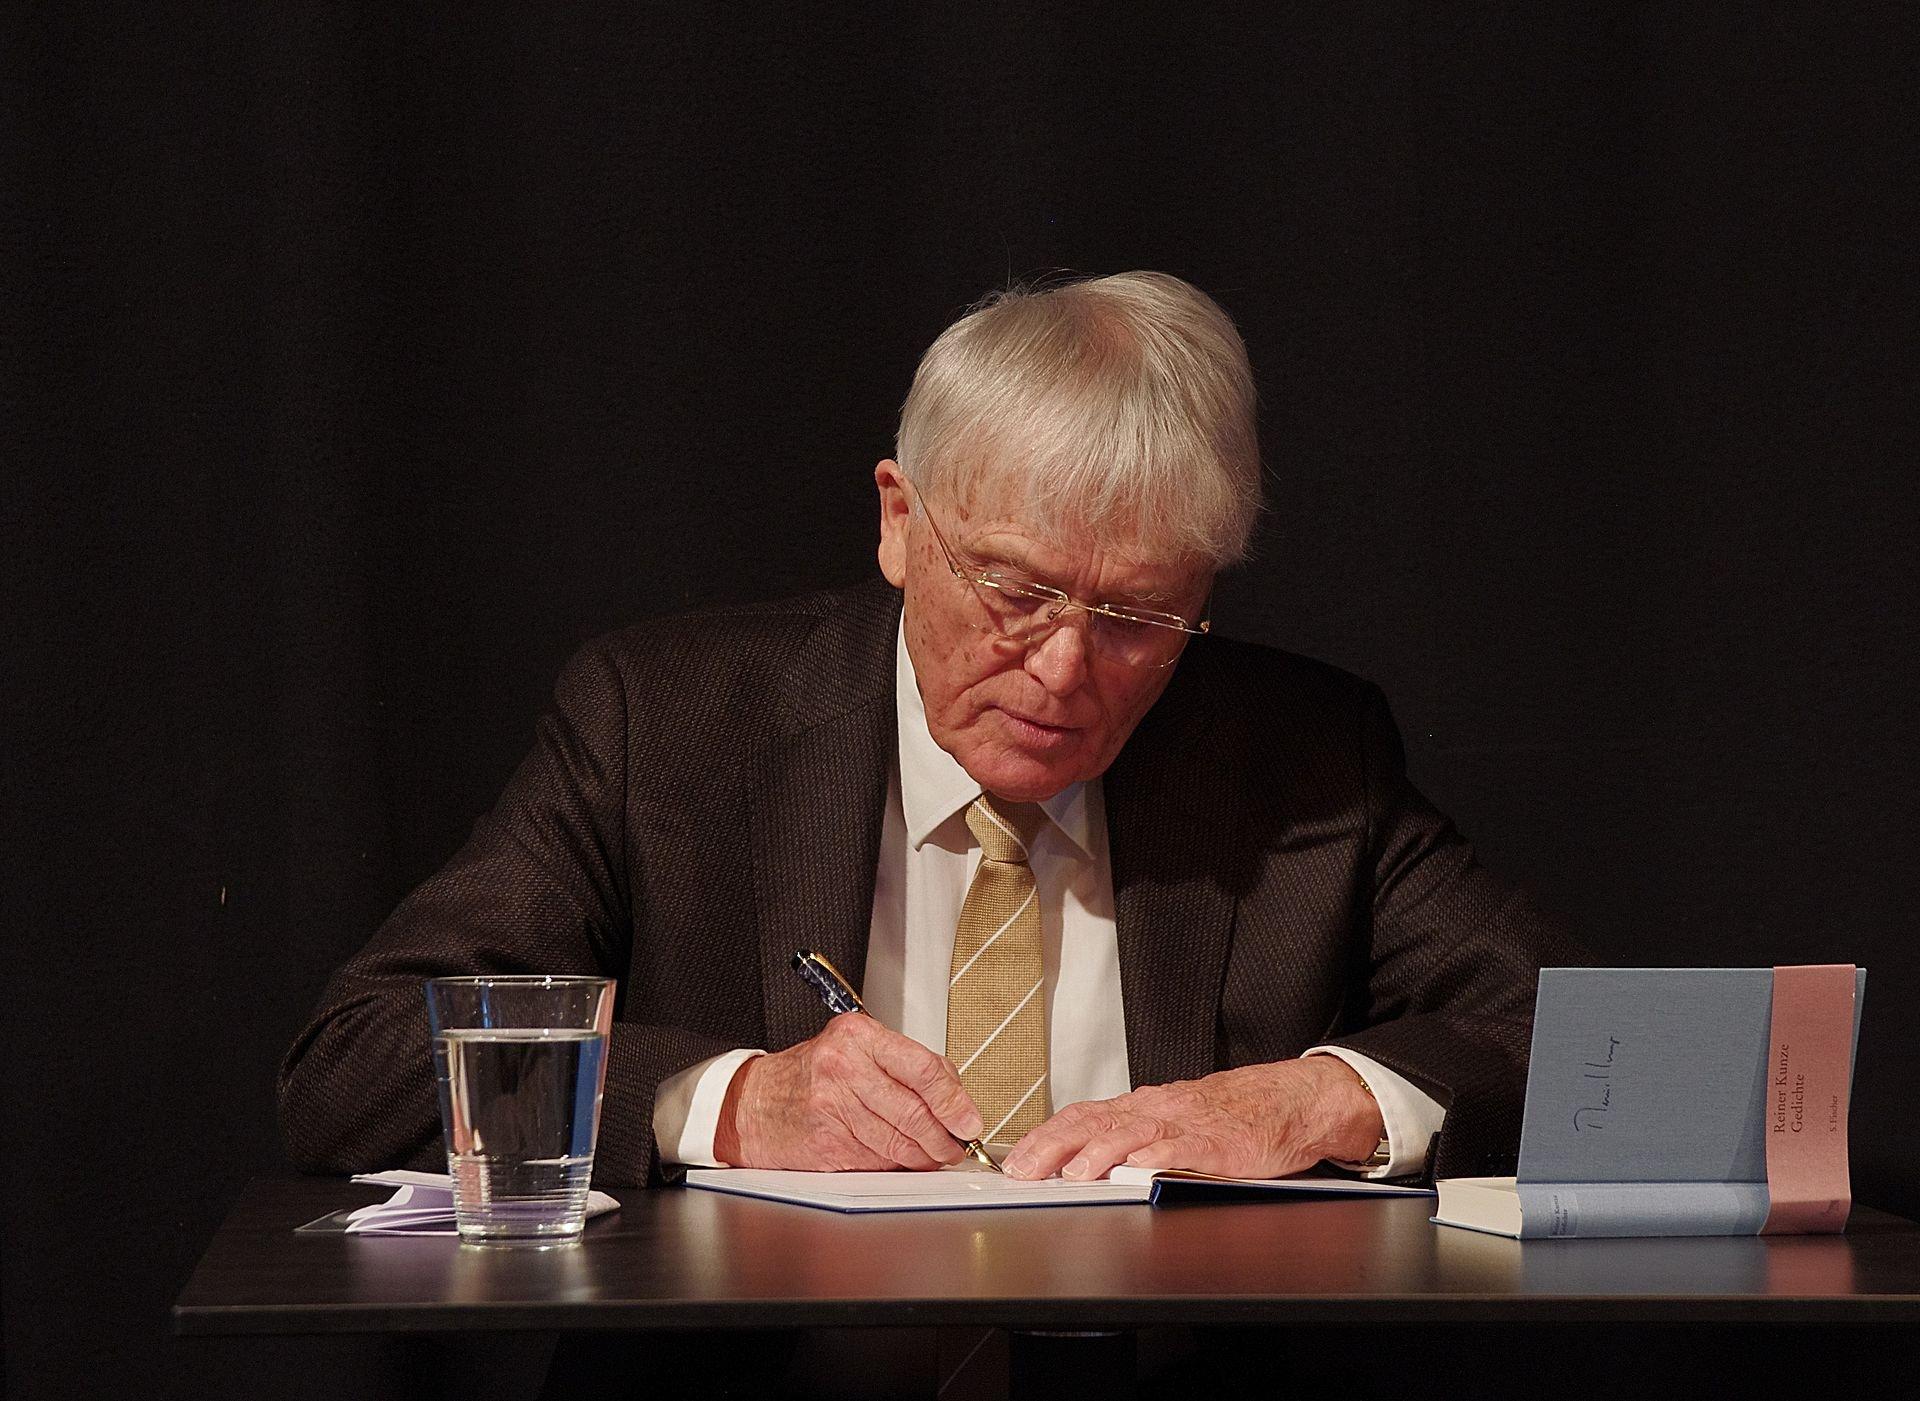 Reiner Kunze bei einer Lesung in Schorndorf (2012) Schelm • CC BY 3.0